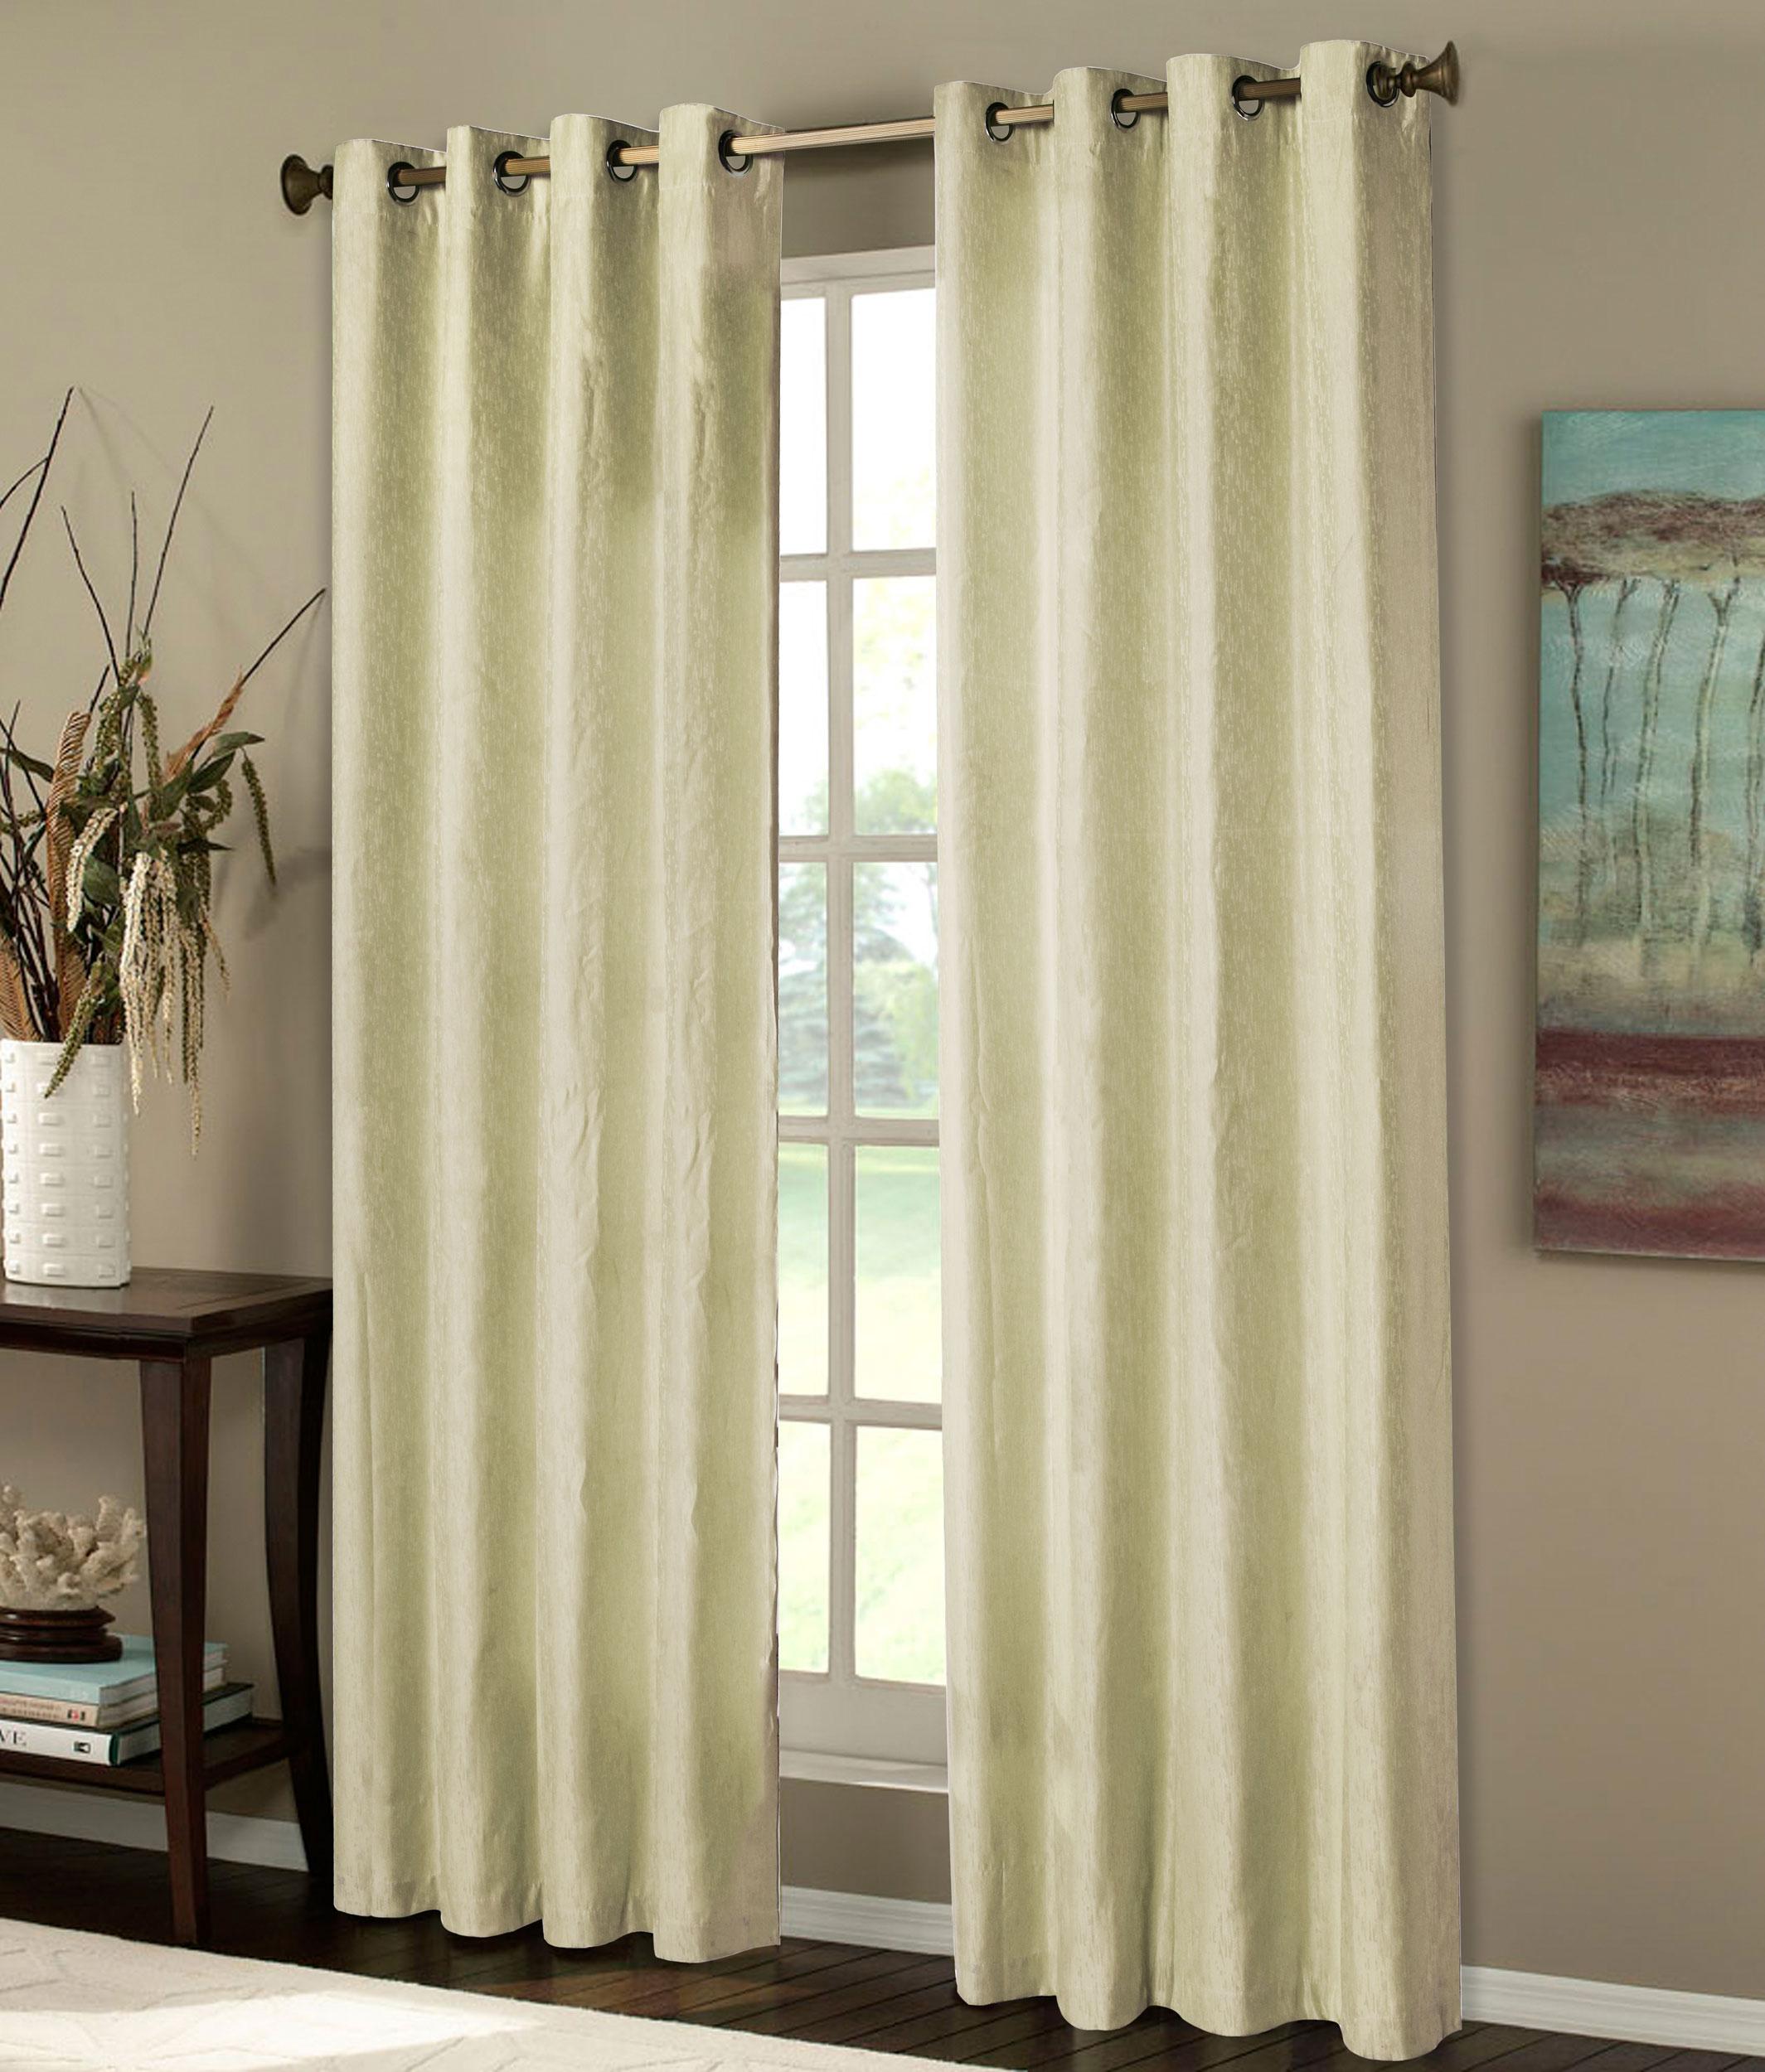 thermo gardine sen vorhang mit polar fleece r cken matt. Black Bedroom Furniture Sets. Home Design Ideas